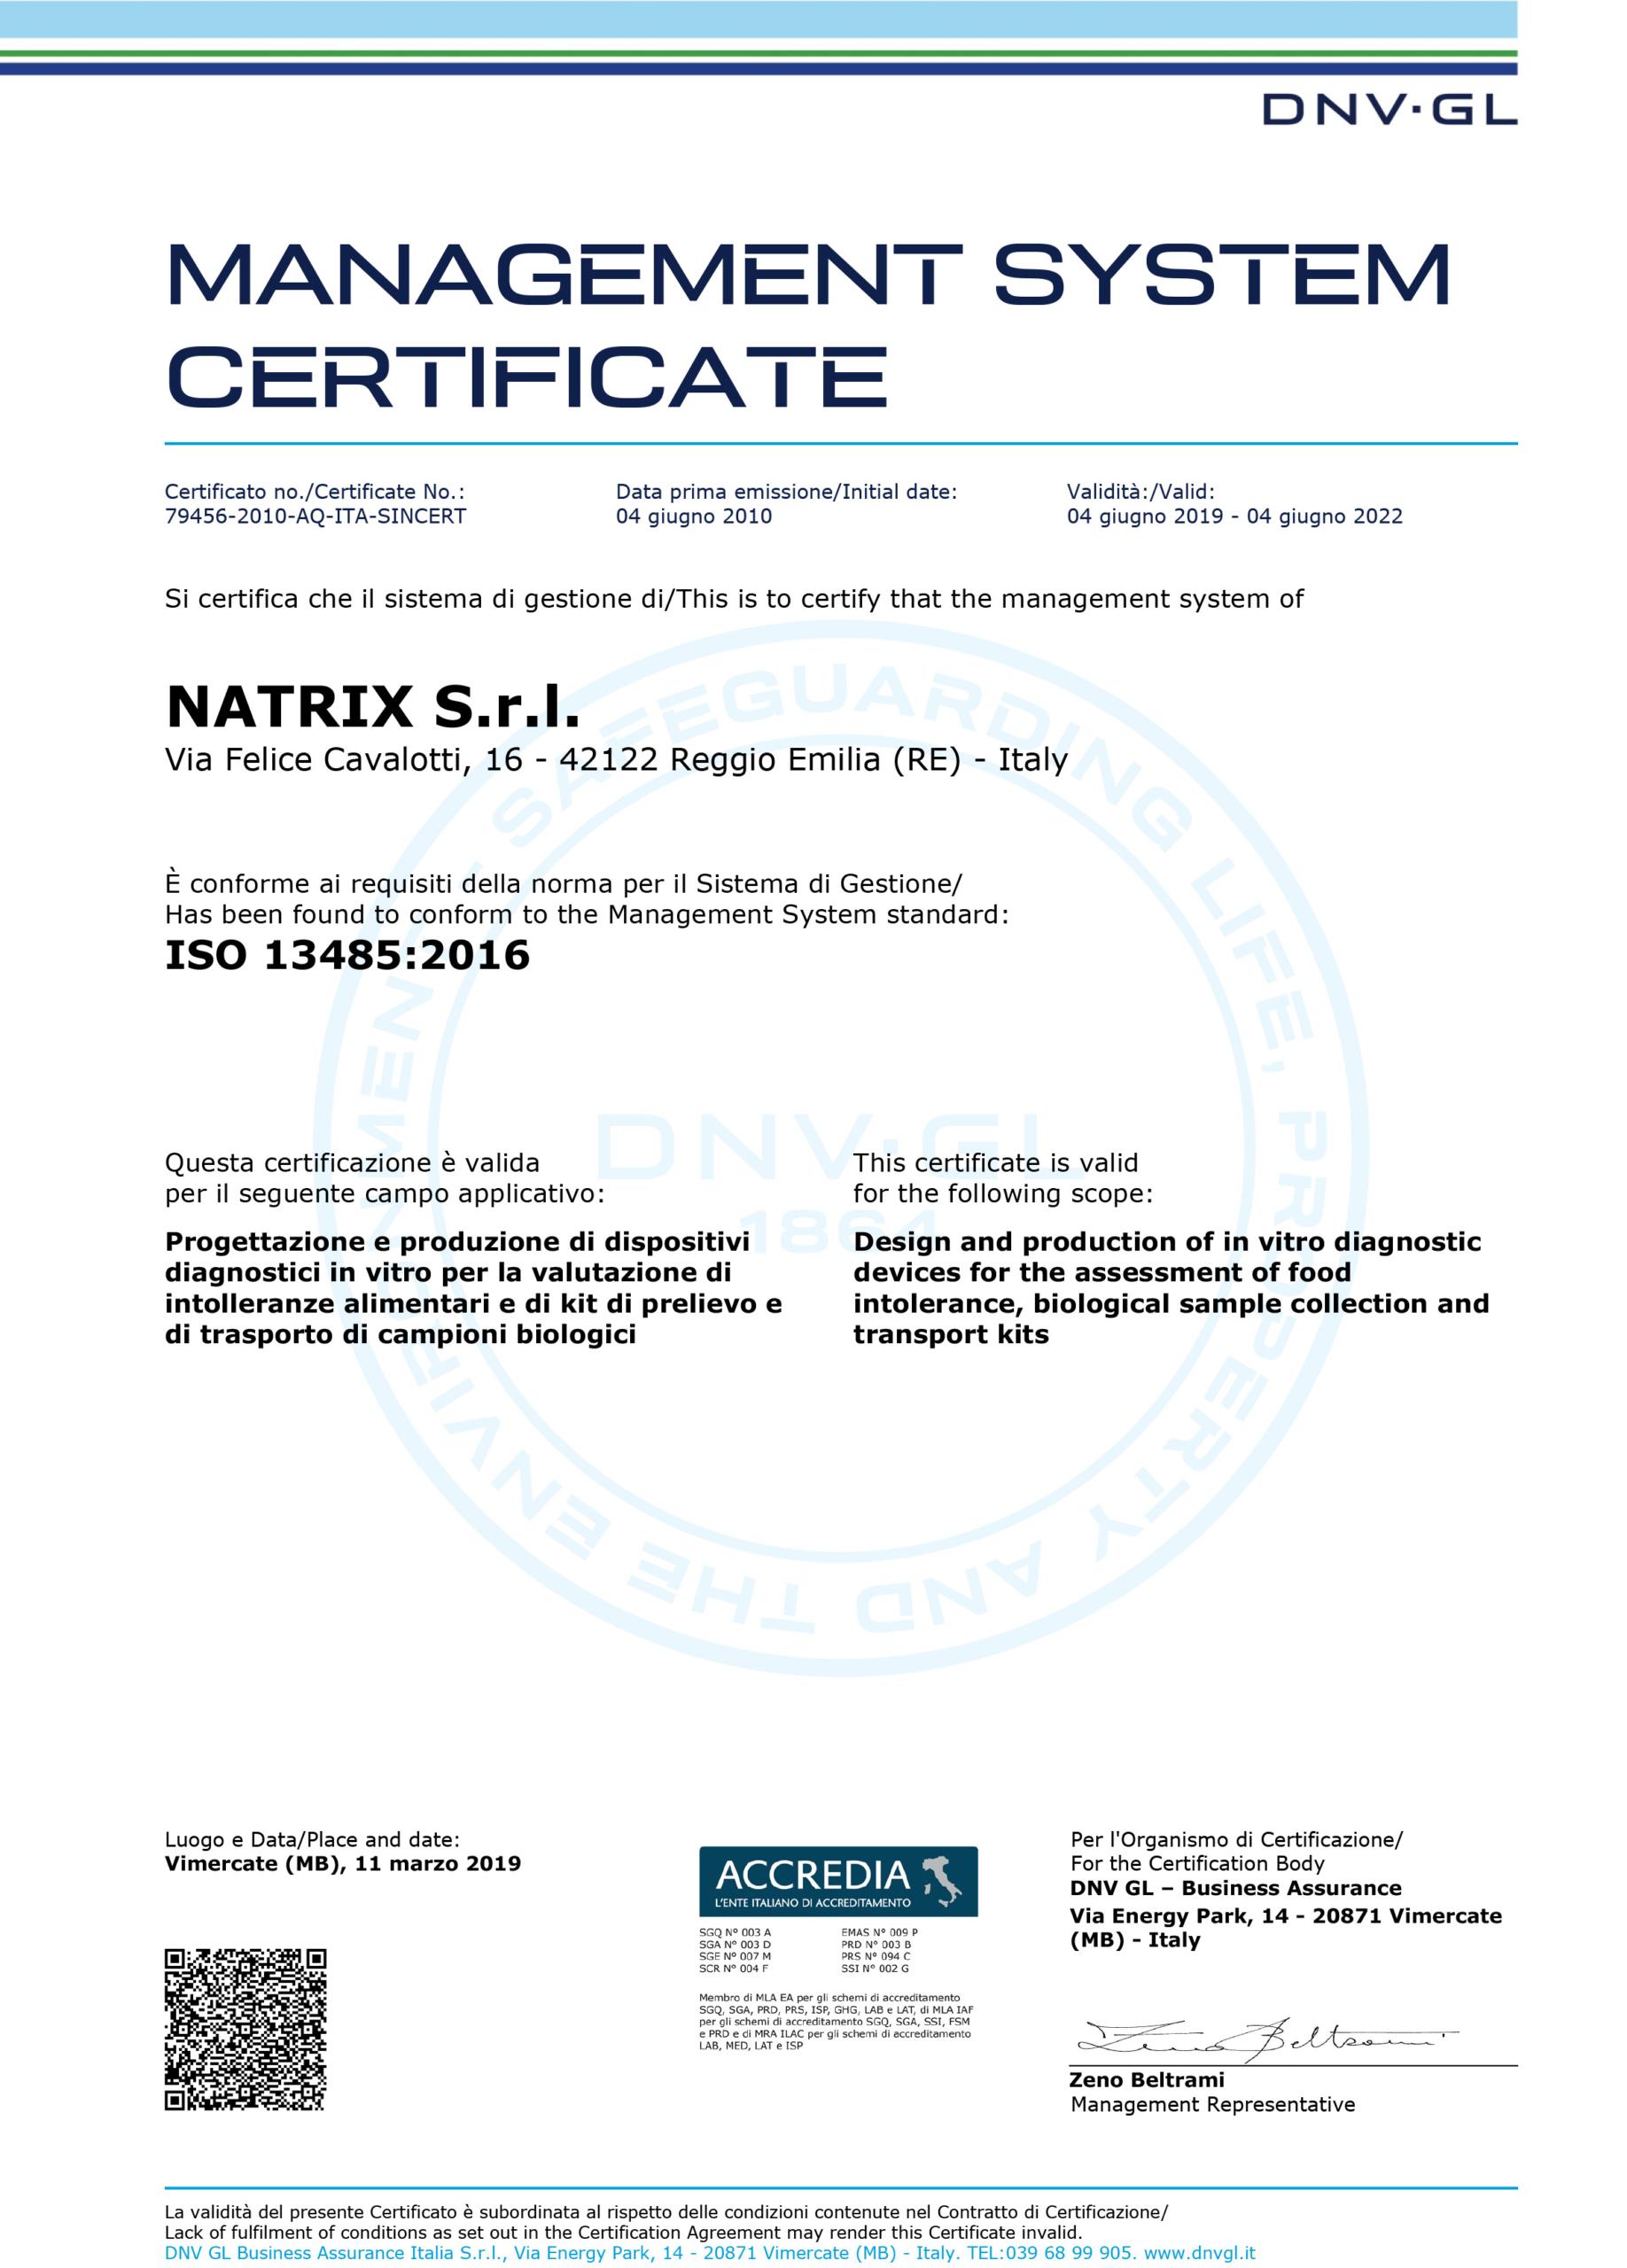 immagine certificazione iso 13485